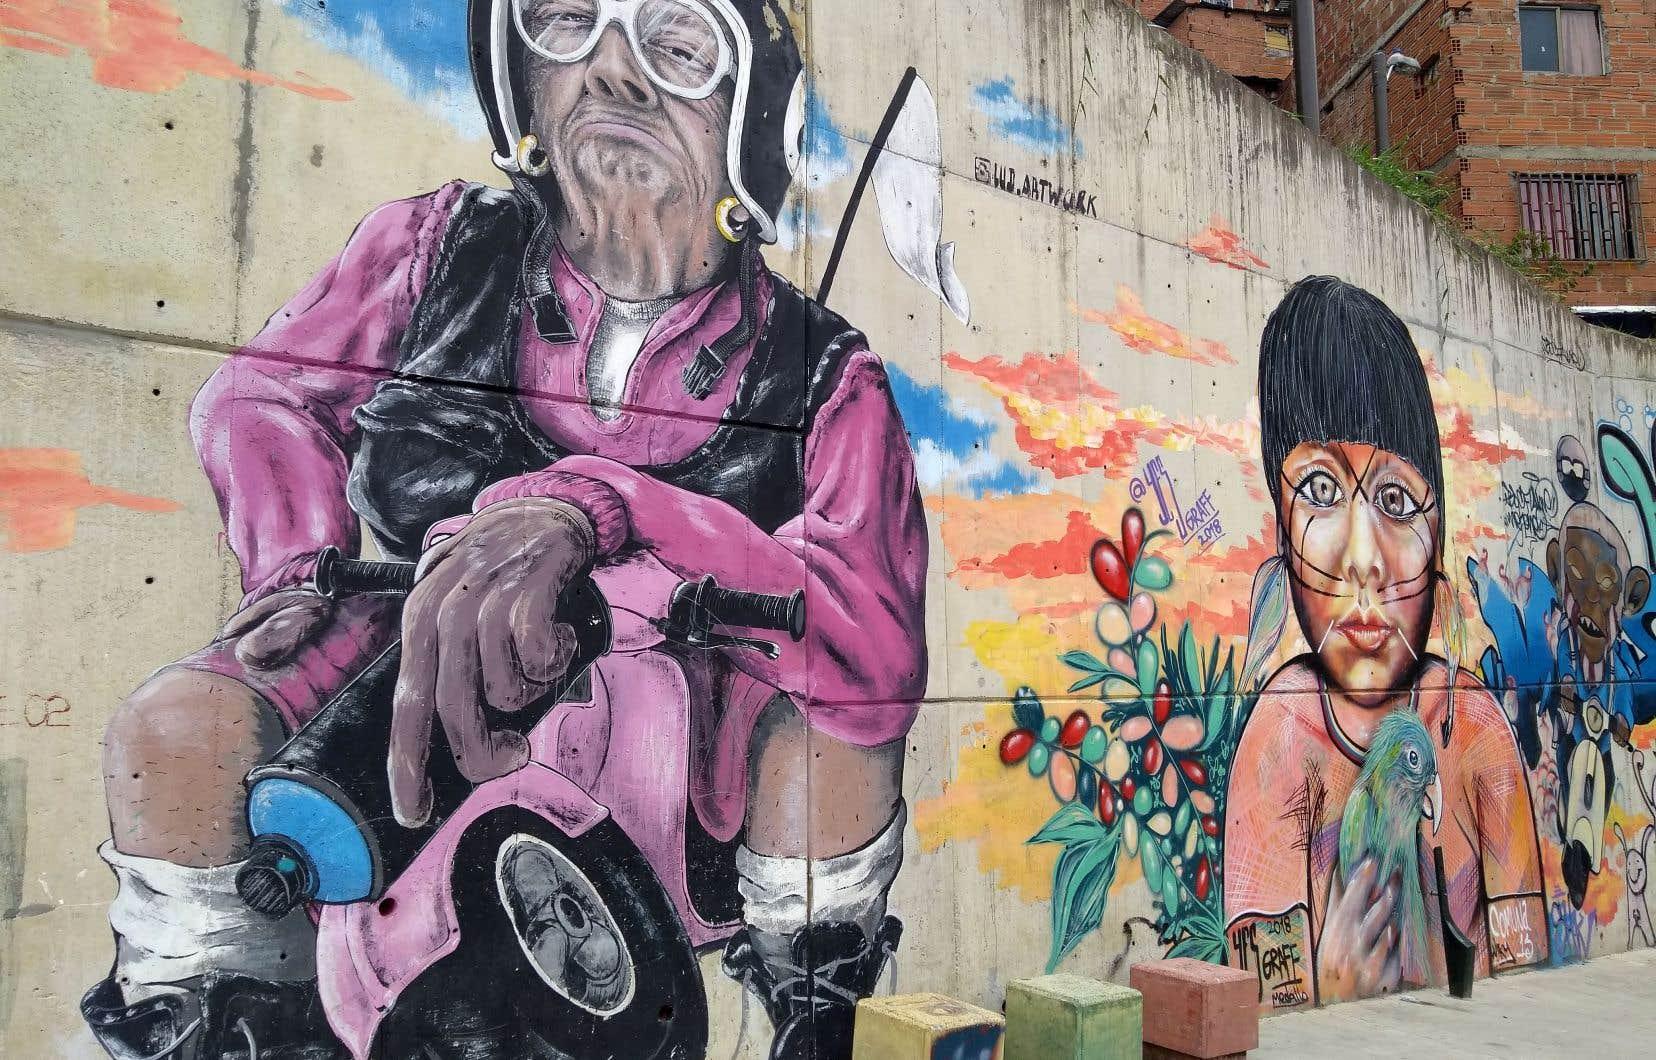 À la faveur d'une diminution de la criminalité et de la paix résultant des accords de 2016 avec la vieille guérilla des FARC, le pays vit une flambée touristique qui réchauffe le portefeuille, mais aussi le cœur des Colombiens, heureux d'avoir de la visite après des décennies de troubles.